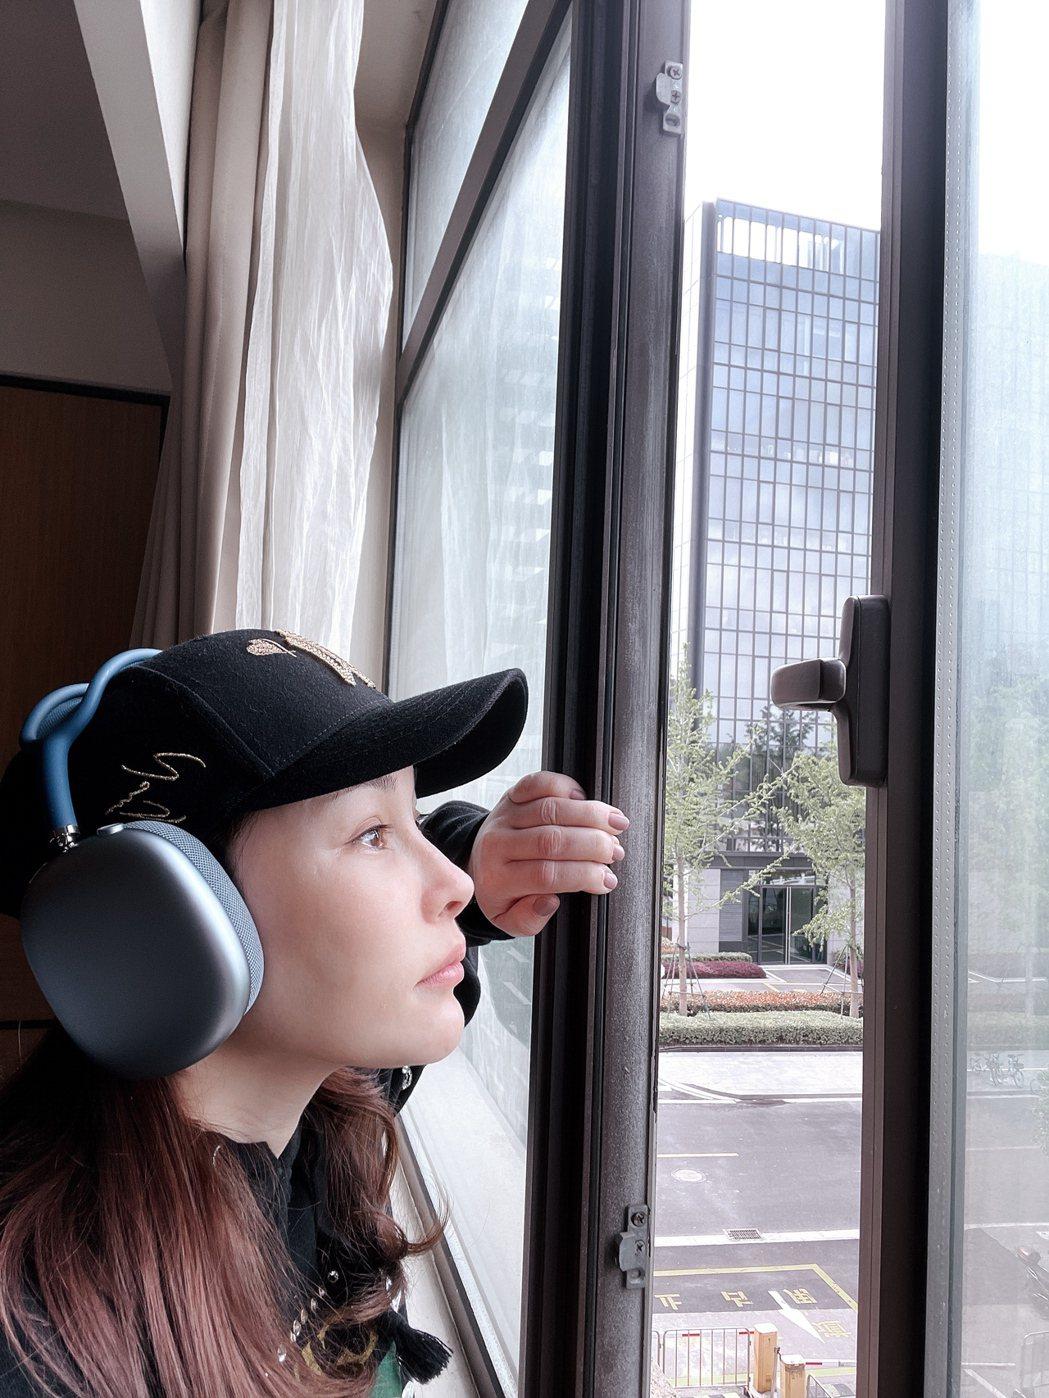 温嵐在上海飯店隔離,每天開小窗看風景是唯一小確幸。圖/嵐圖工作室提供